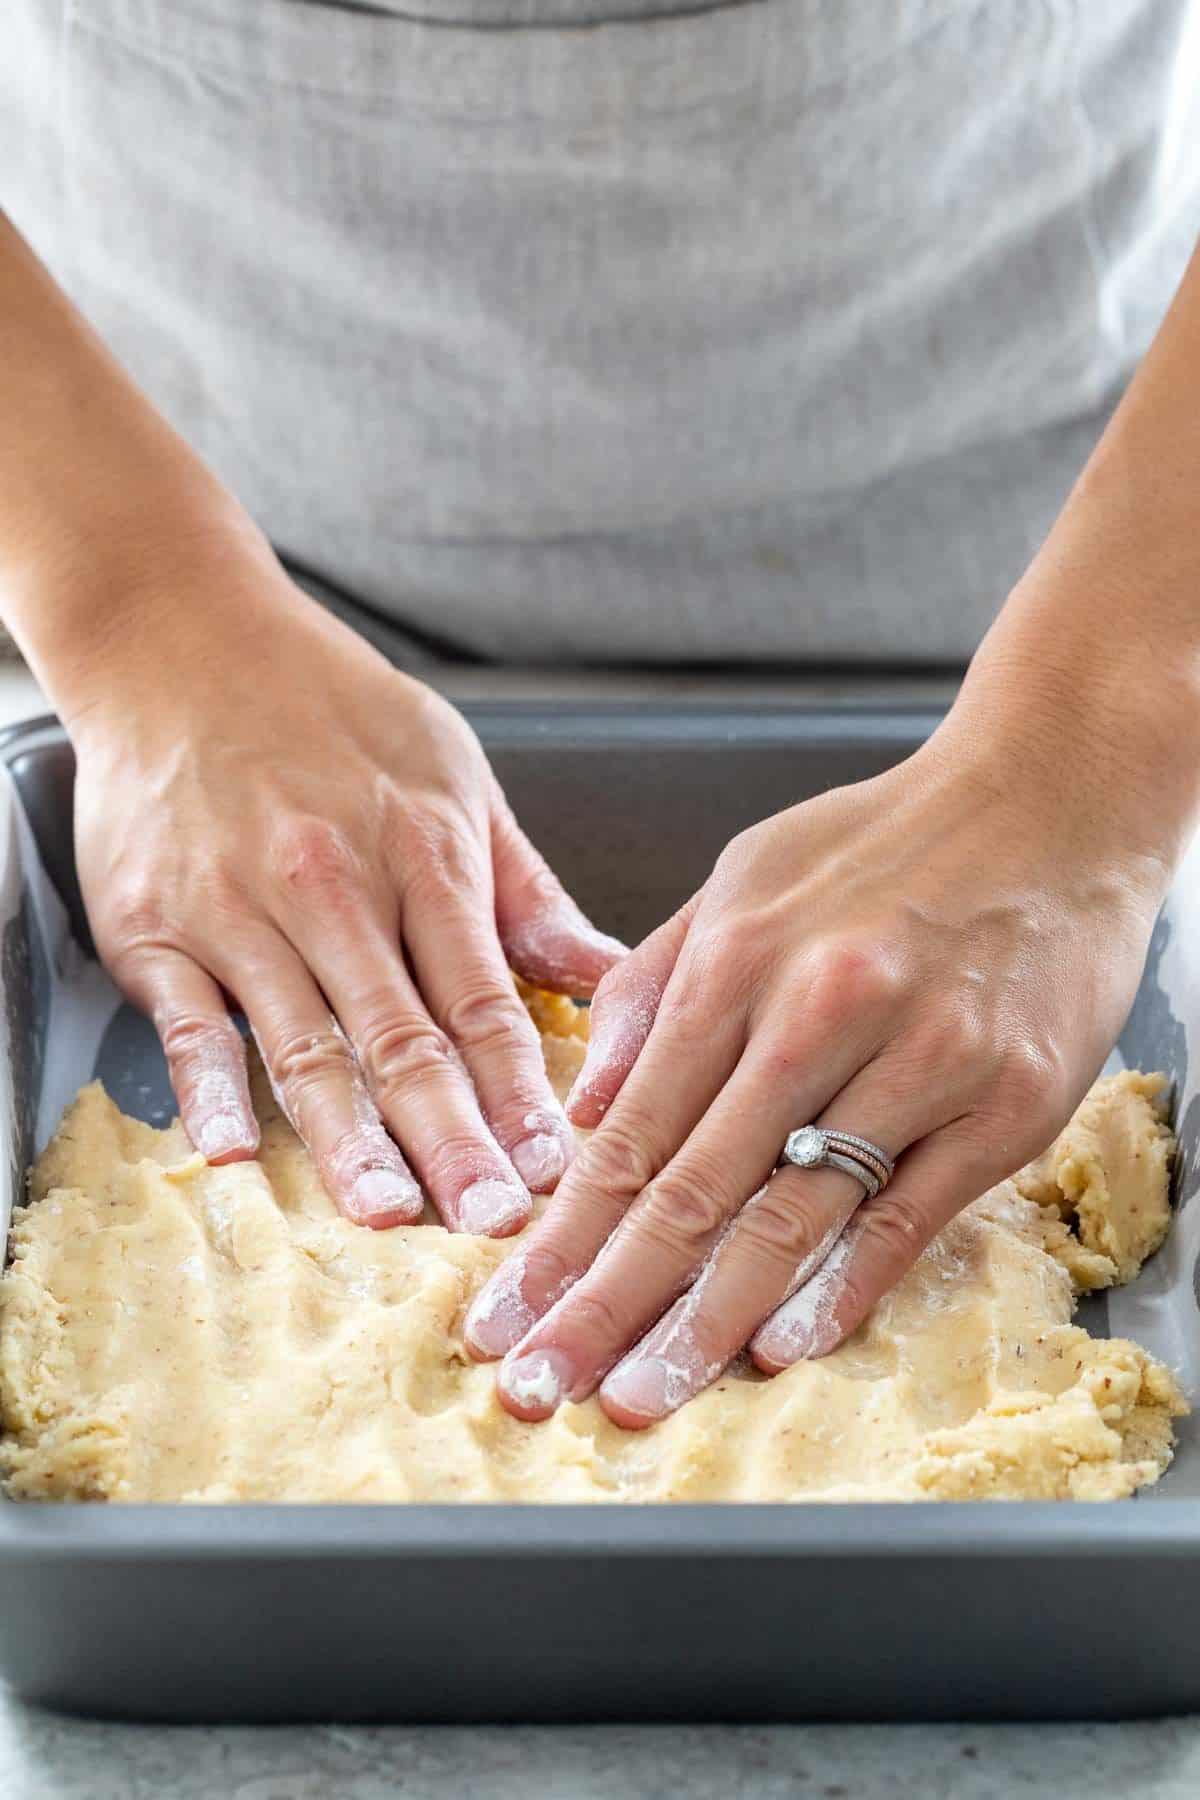 person spreading dough into a baking dish